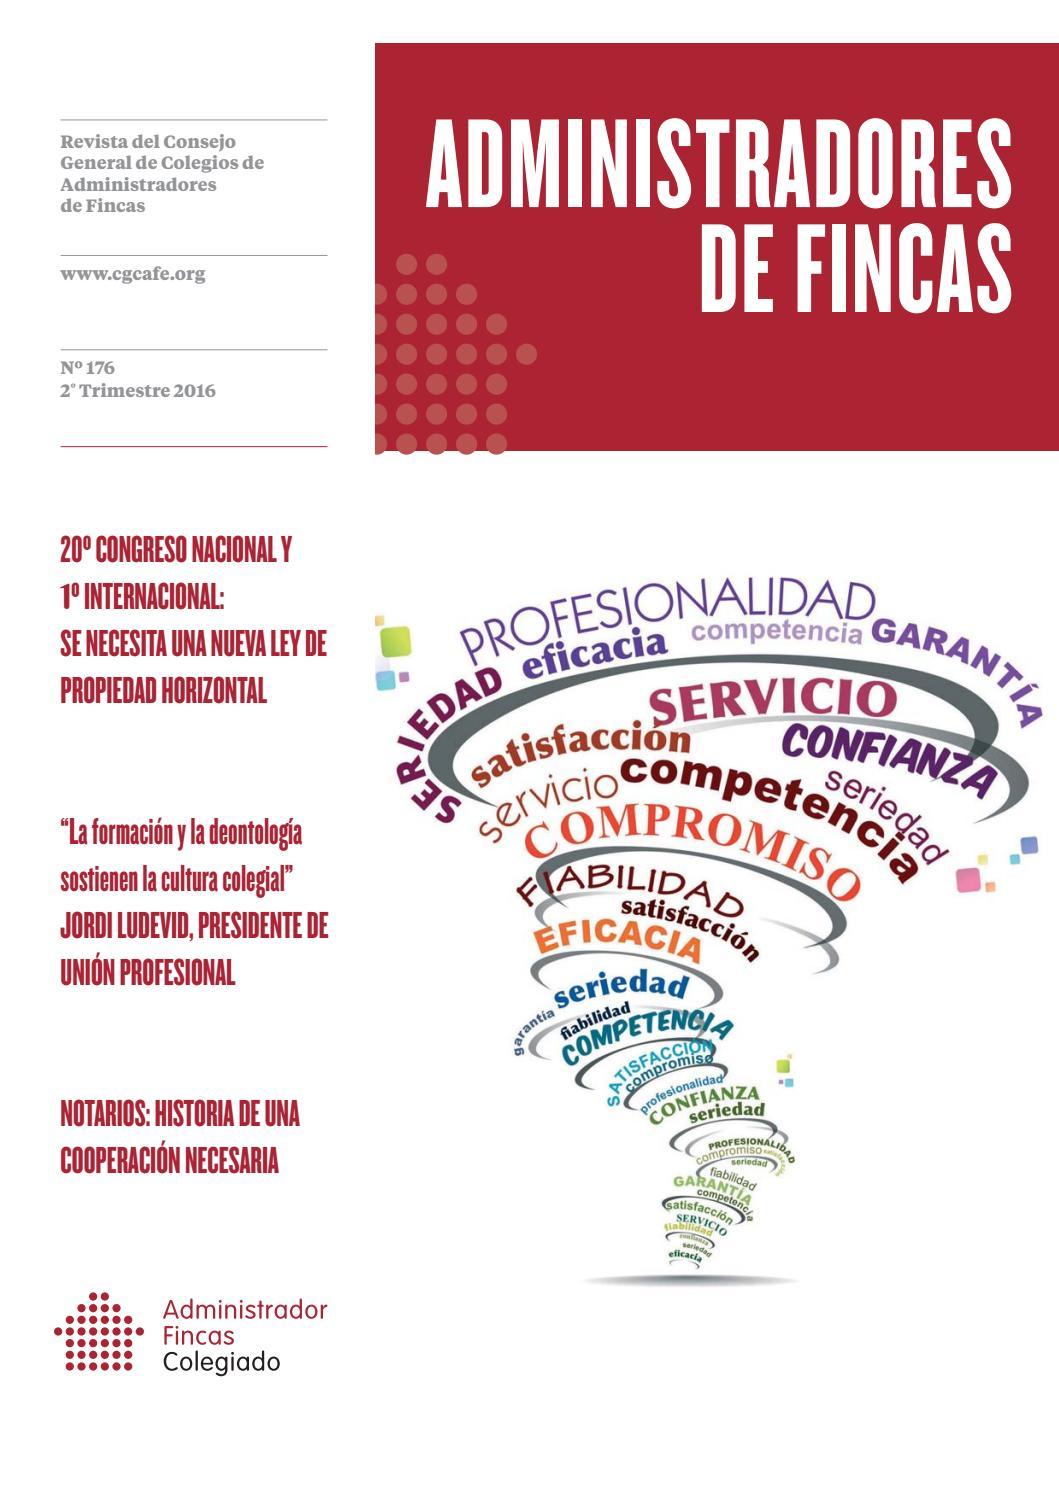 Administradores de fincas n 176 by administradores de for Administradores de fincas en leon